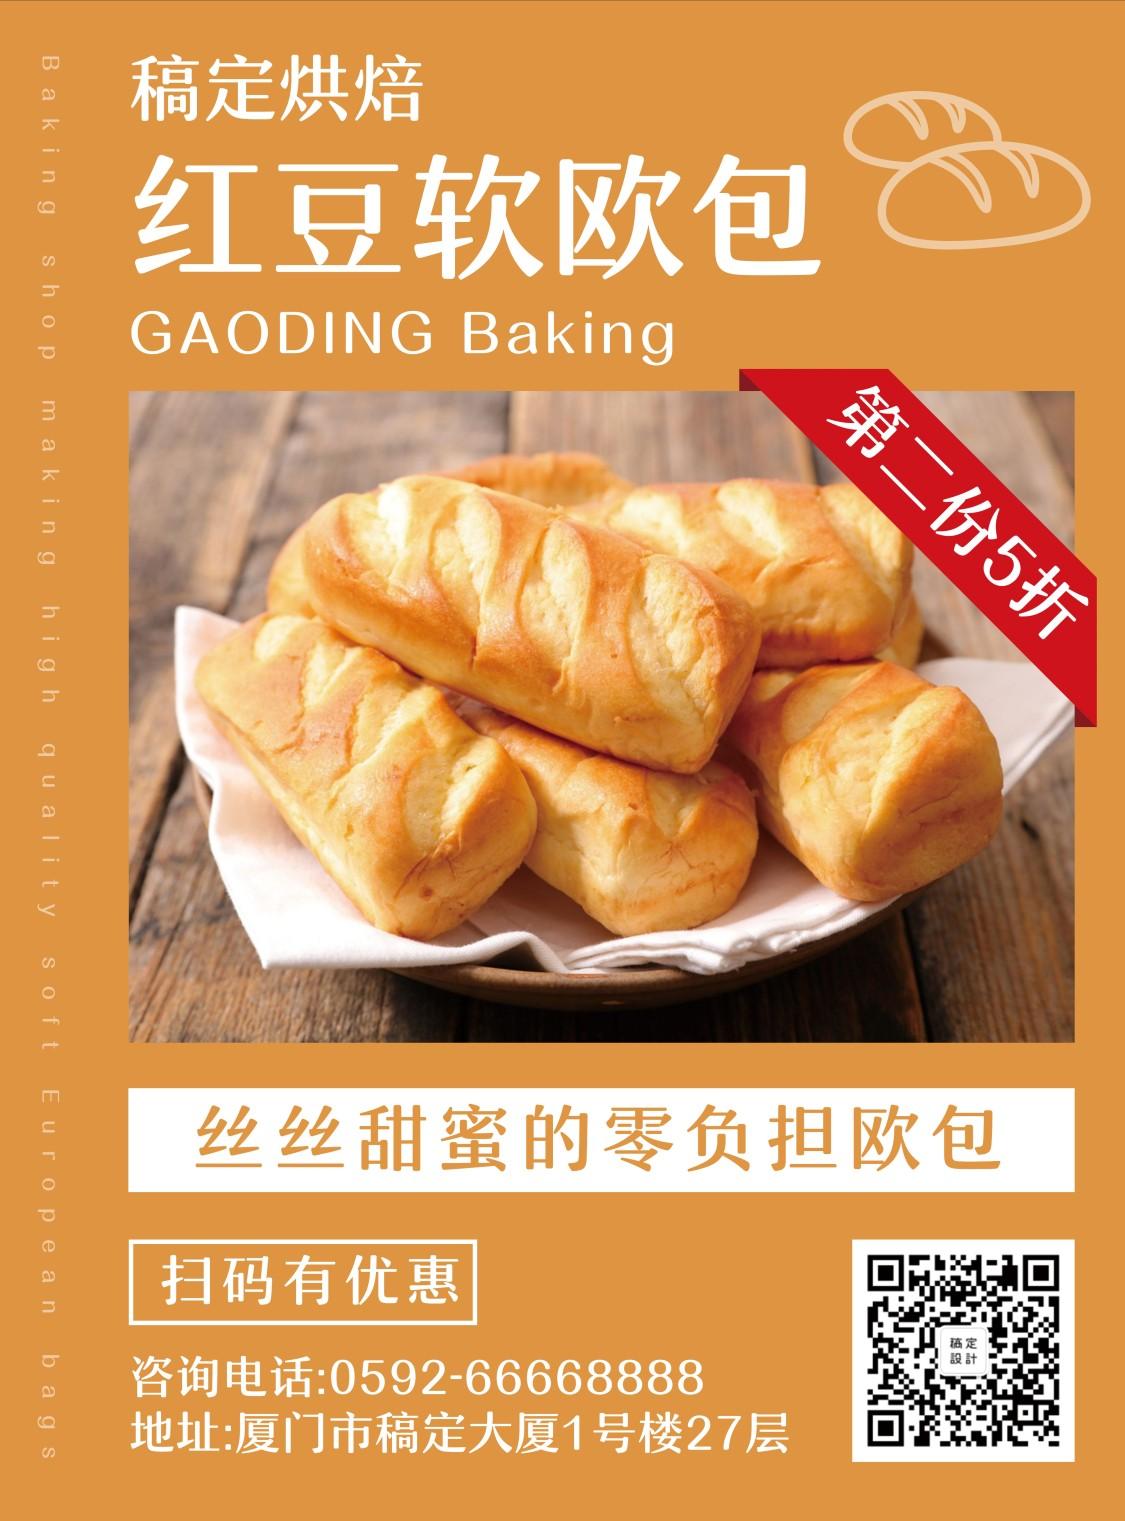 餐饮美食/面包烘焙/促销/张贴海报